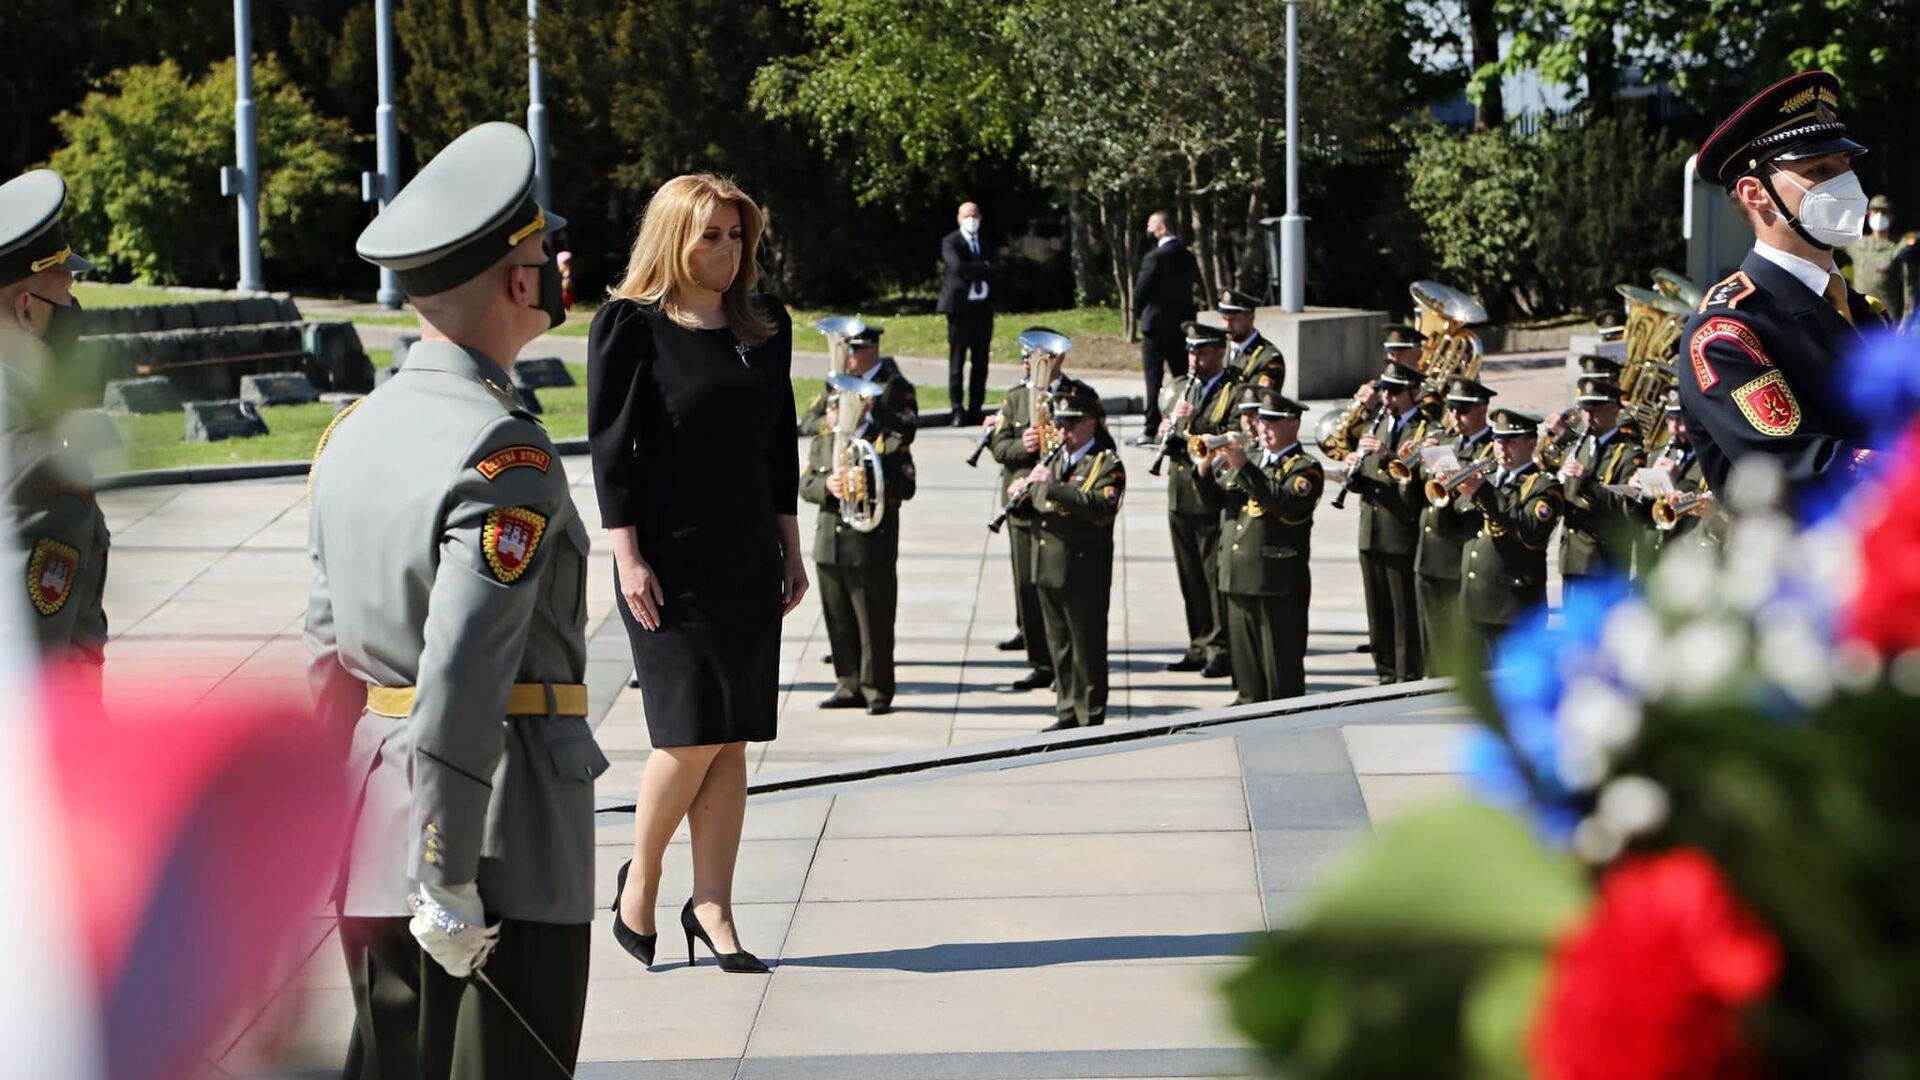 Slovenská prezidentka Zuzana Čaputová položila květiny k hrobu sovětských vojáků, kteří zahynuli v bojích za osvobození Bratislavy - Sputnik Česká republika, 1920, 08.05.2021